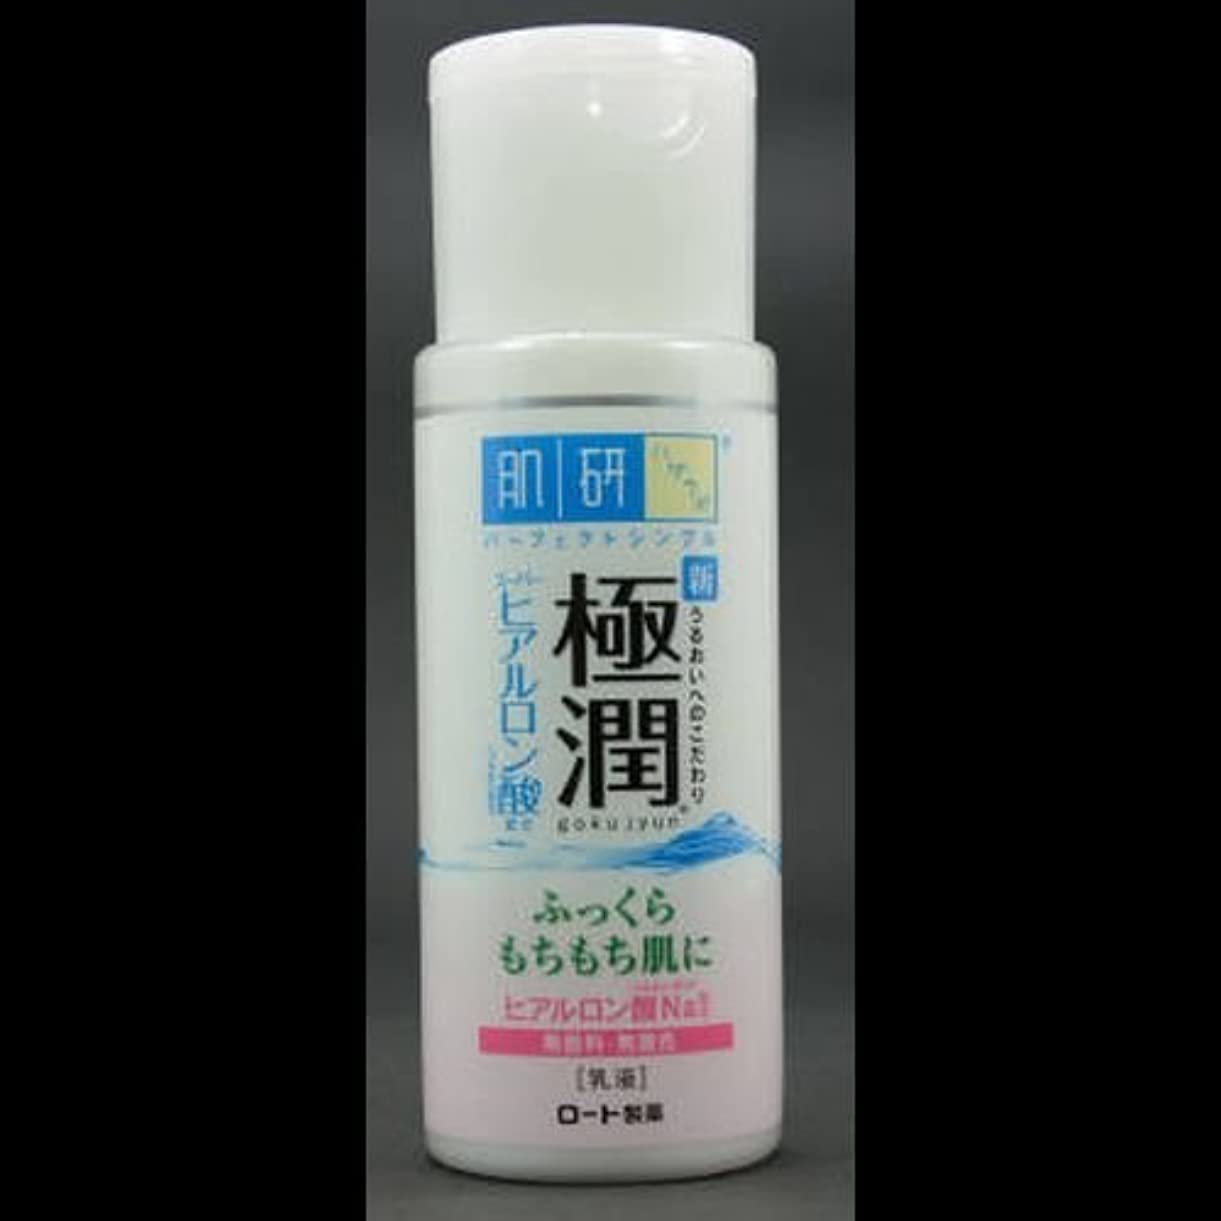 レールコーデリア戻る【まとめ買い】肌研 極潤 ヒアルロン乳液 140mL ×2セット